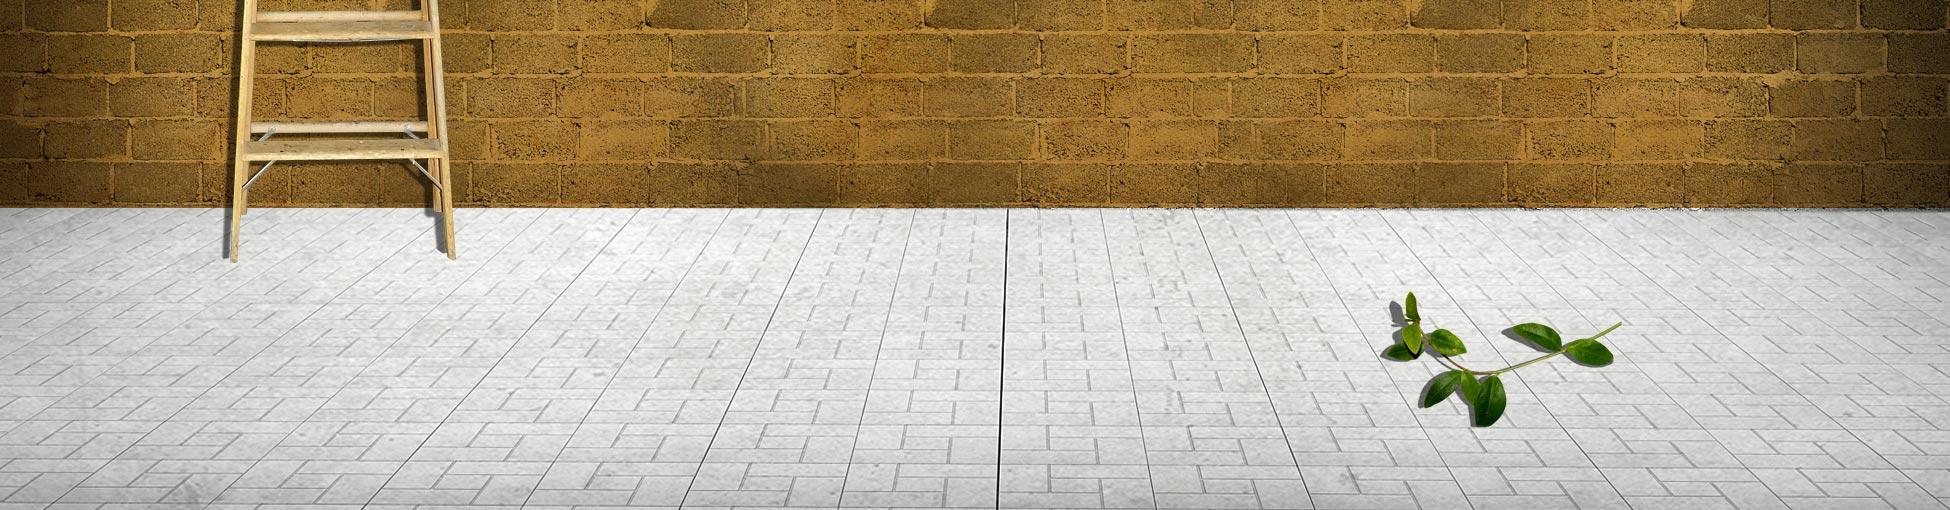 ассортимент тротуарной плитки